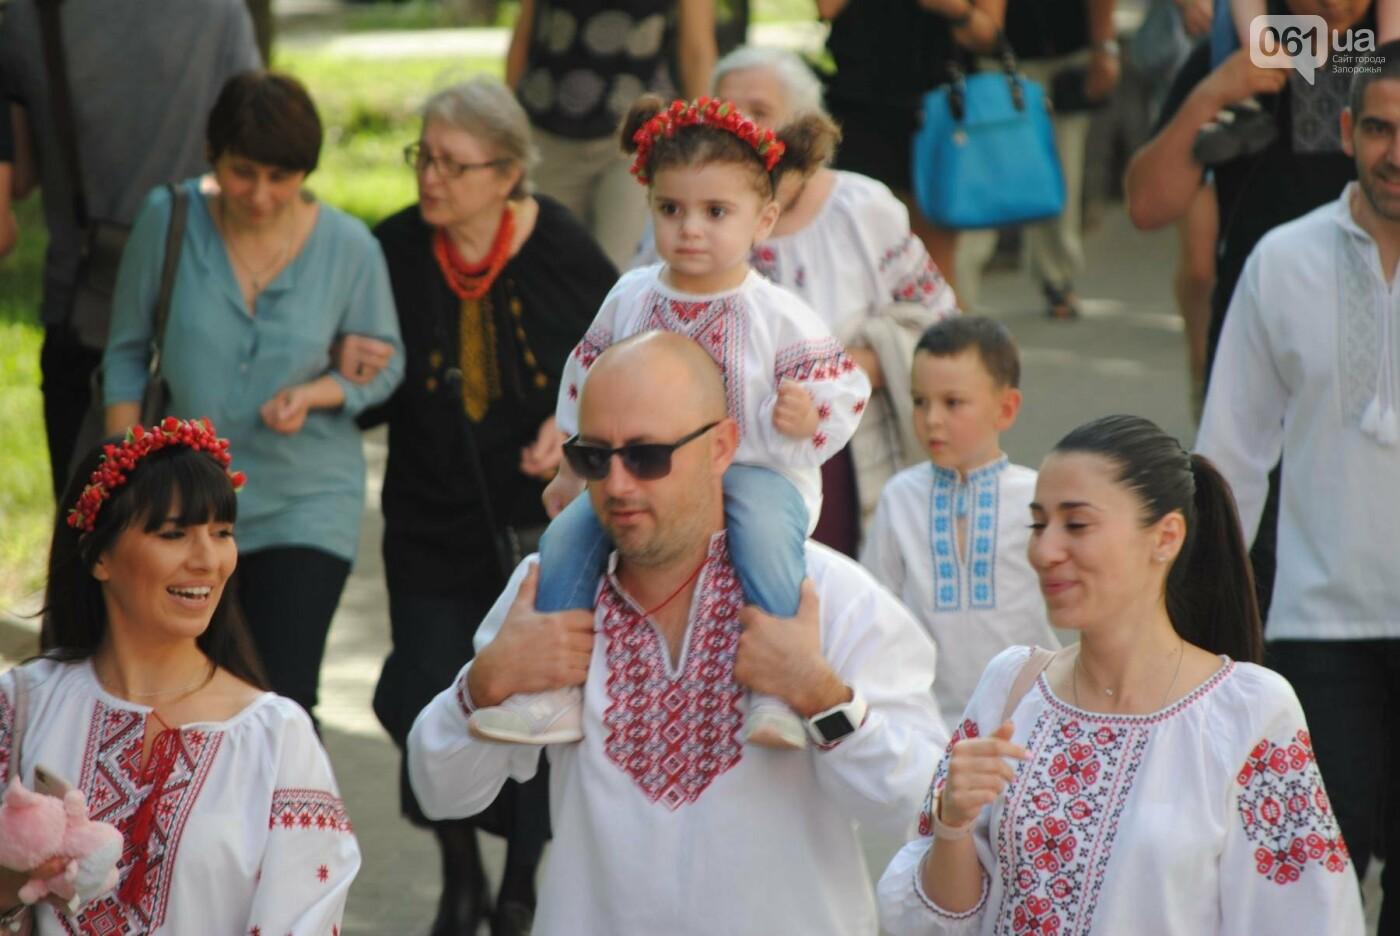 Несколько сотен запорожцев приняли участие в Марше вышиванок, - ФОТОРЕПОРТАЖ, фото-15